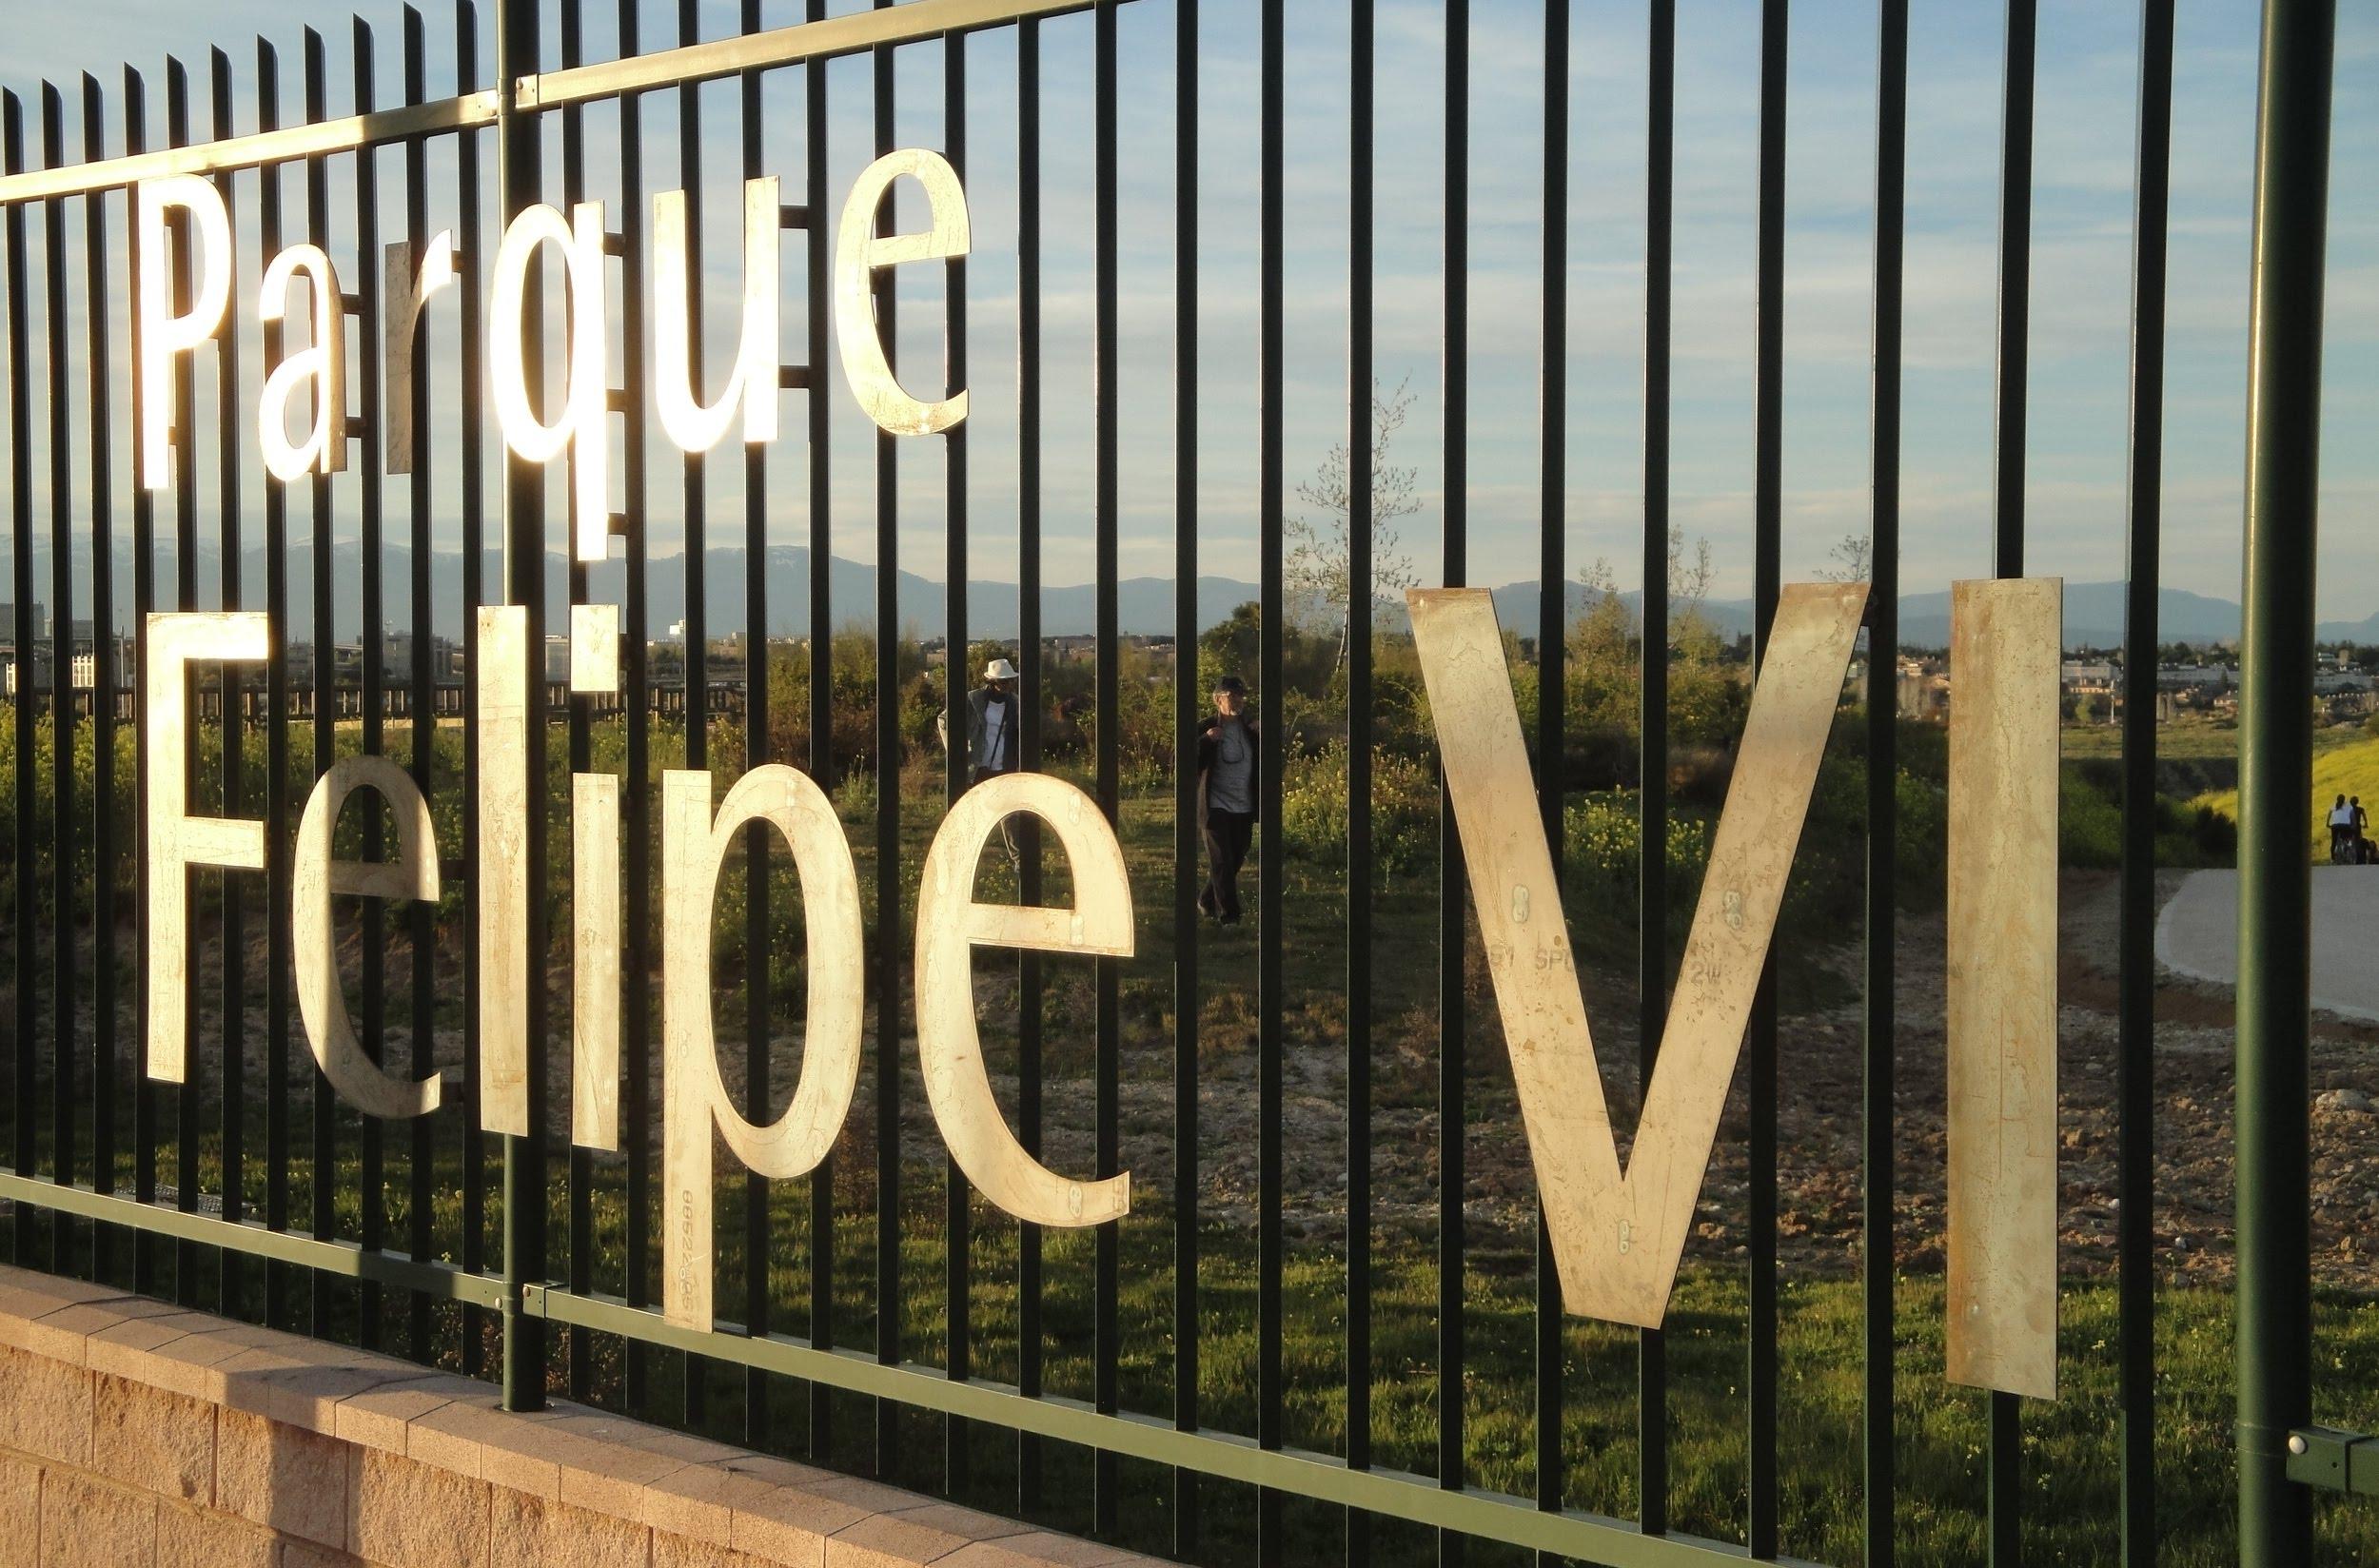 Felipe VI vuelve al letrero del parque de Valdebebas